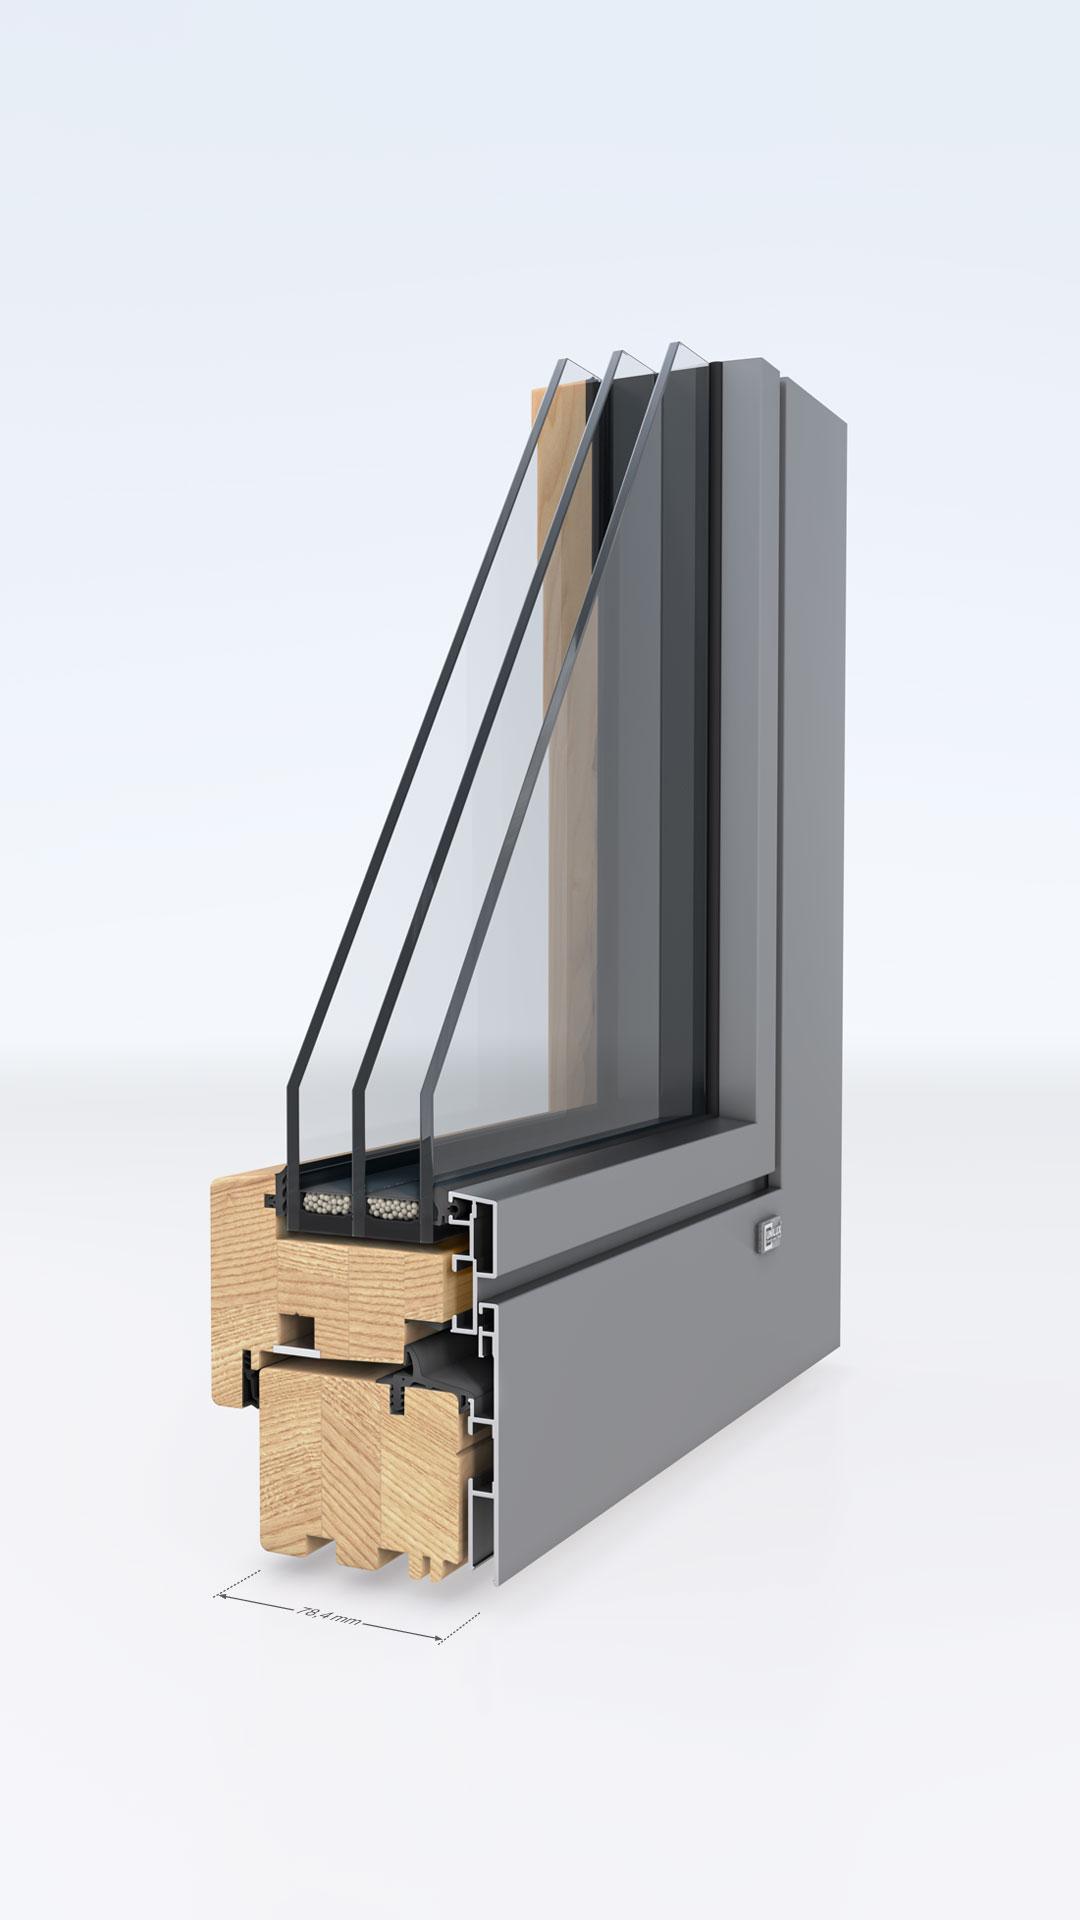 Full Size of Fenster Holz Alu Oder Kunststofffenster Preise Pro M2 Kunststoff Aluminium Josko Preisvergleich Qm Preisunterschied Holz Aluminium Welche Preis Kosten Fenster Fenster Holz Alu